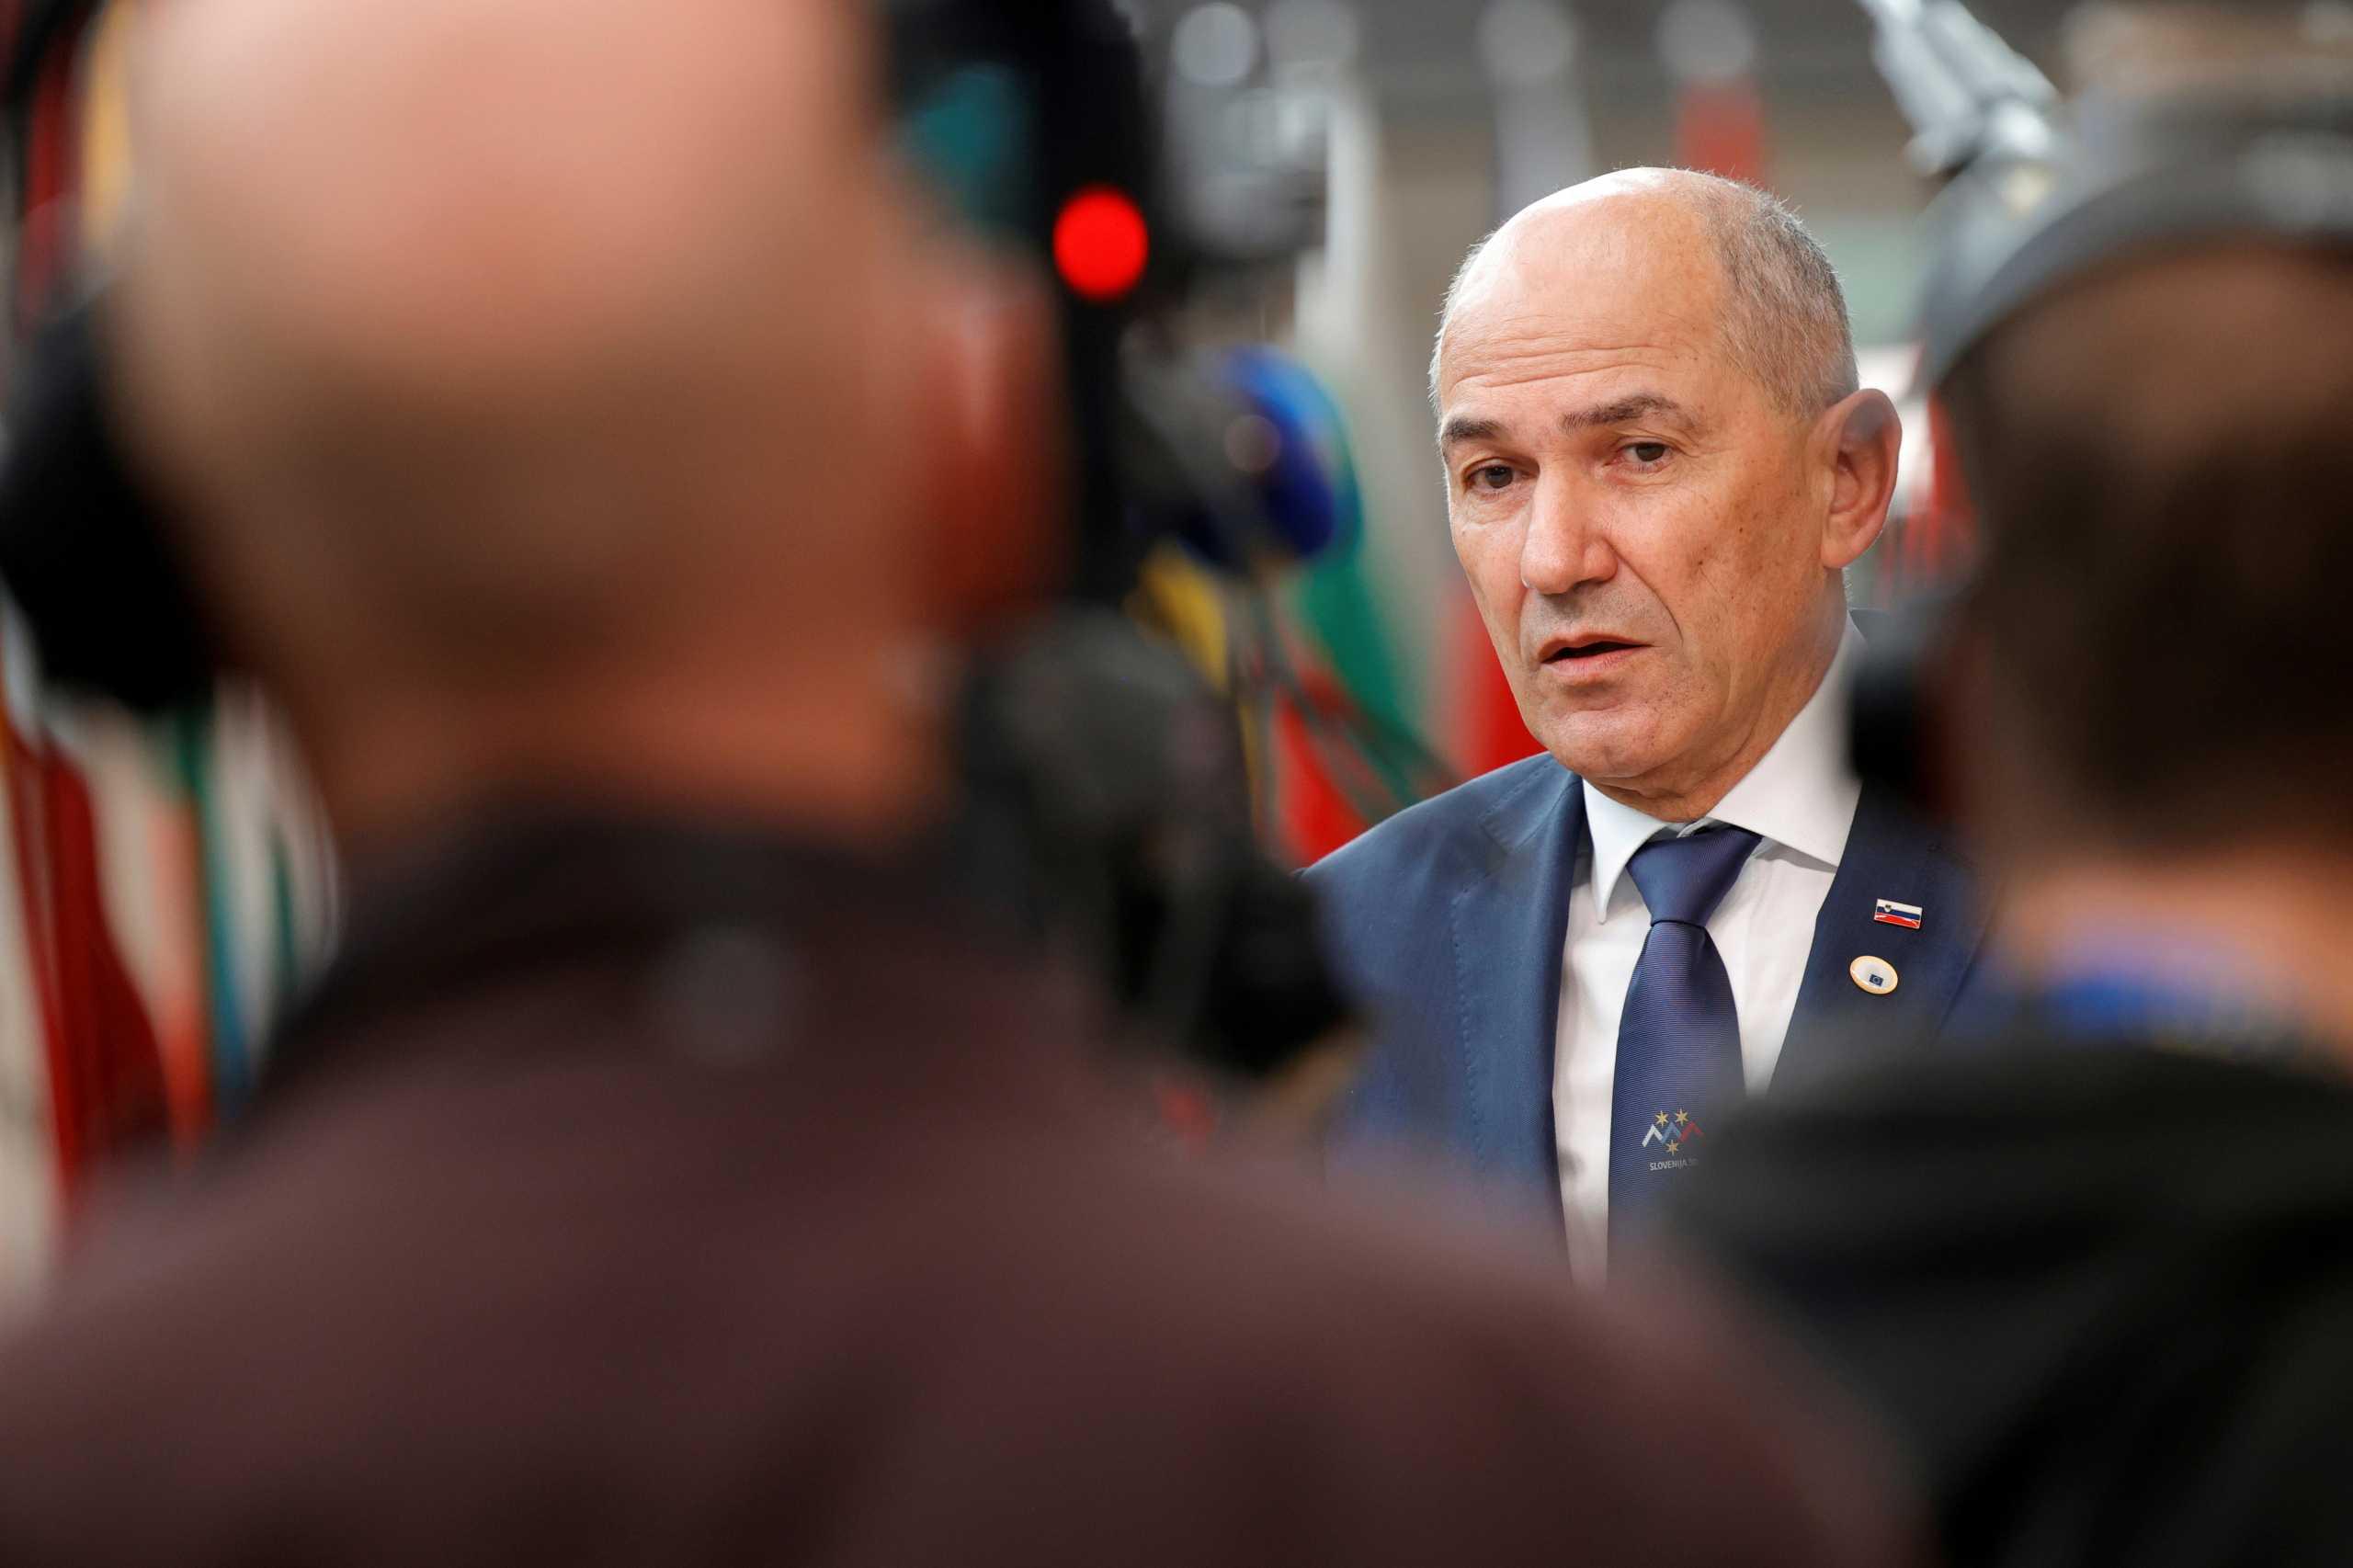 Η Σλοβενία ανέλαβε την Προεδρία του Ευρωπαϊκού Συμβουλίου